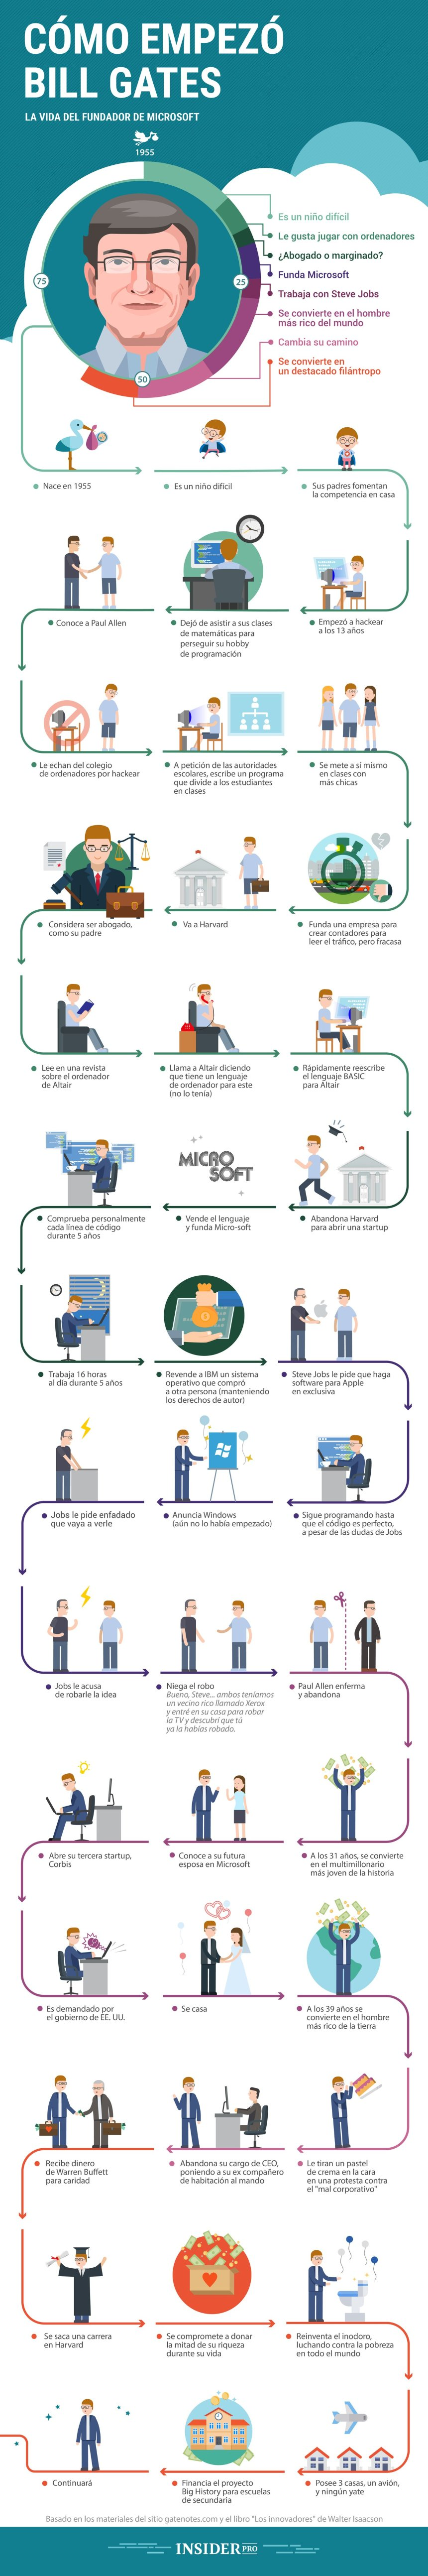 Cómo comienzo Bill Gates (fundador de Microsoft)